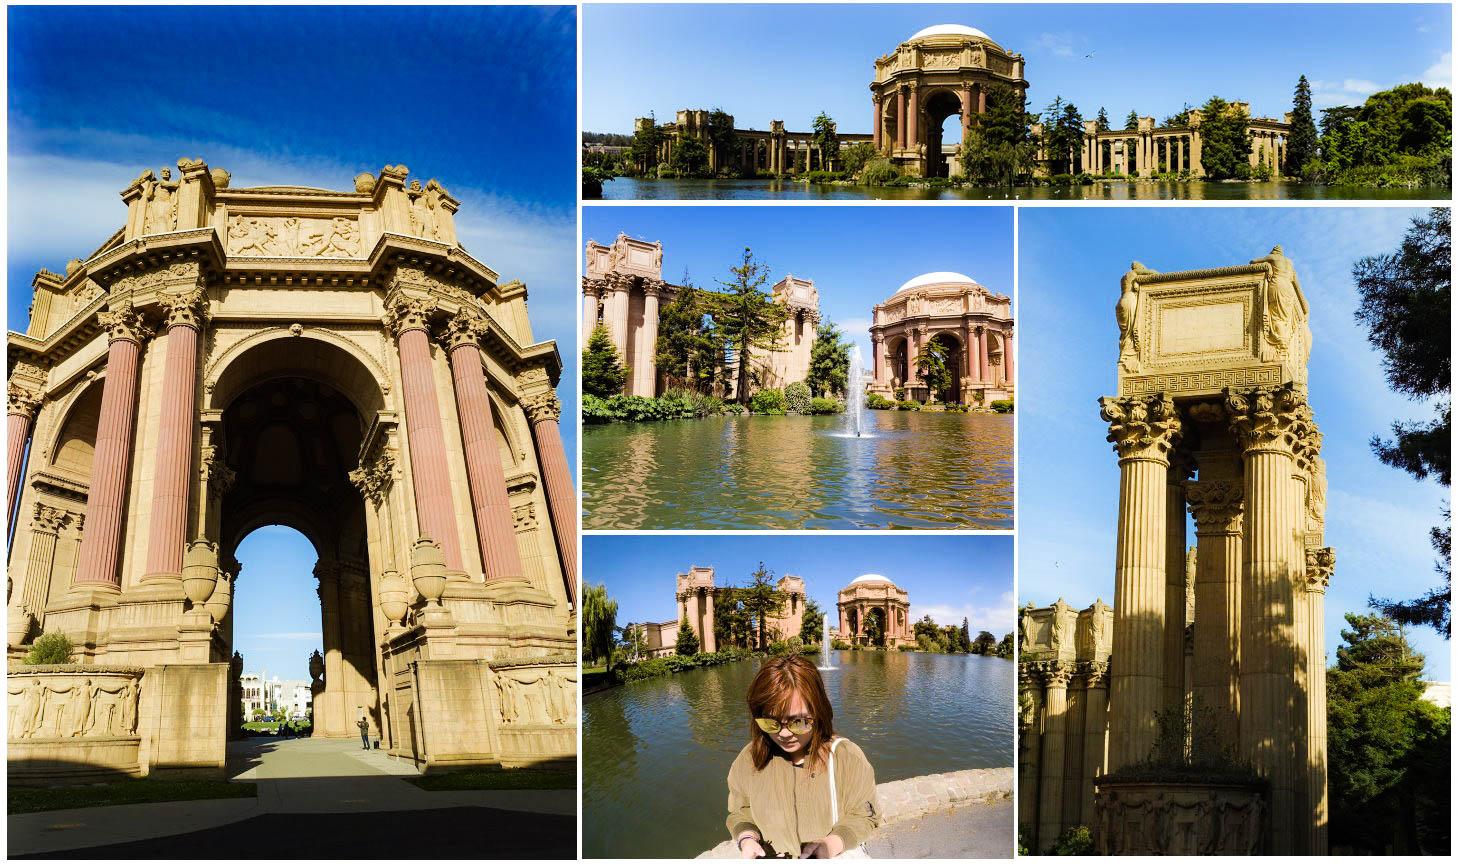 【舊金山必去景點】藝術宮 Palace of Fine Arts|金門大橋 Golden Gate Bridge|美國人拍婚紗聖地 @GINA環球旅行生活